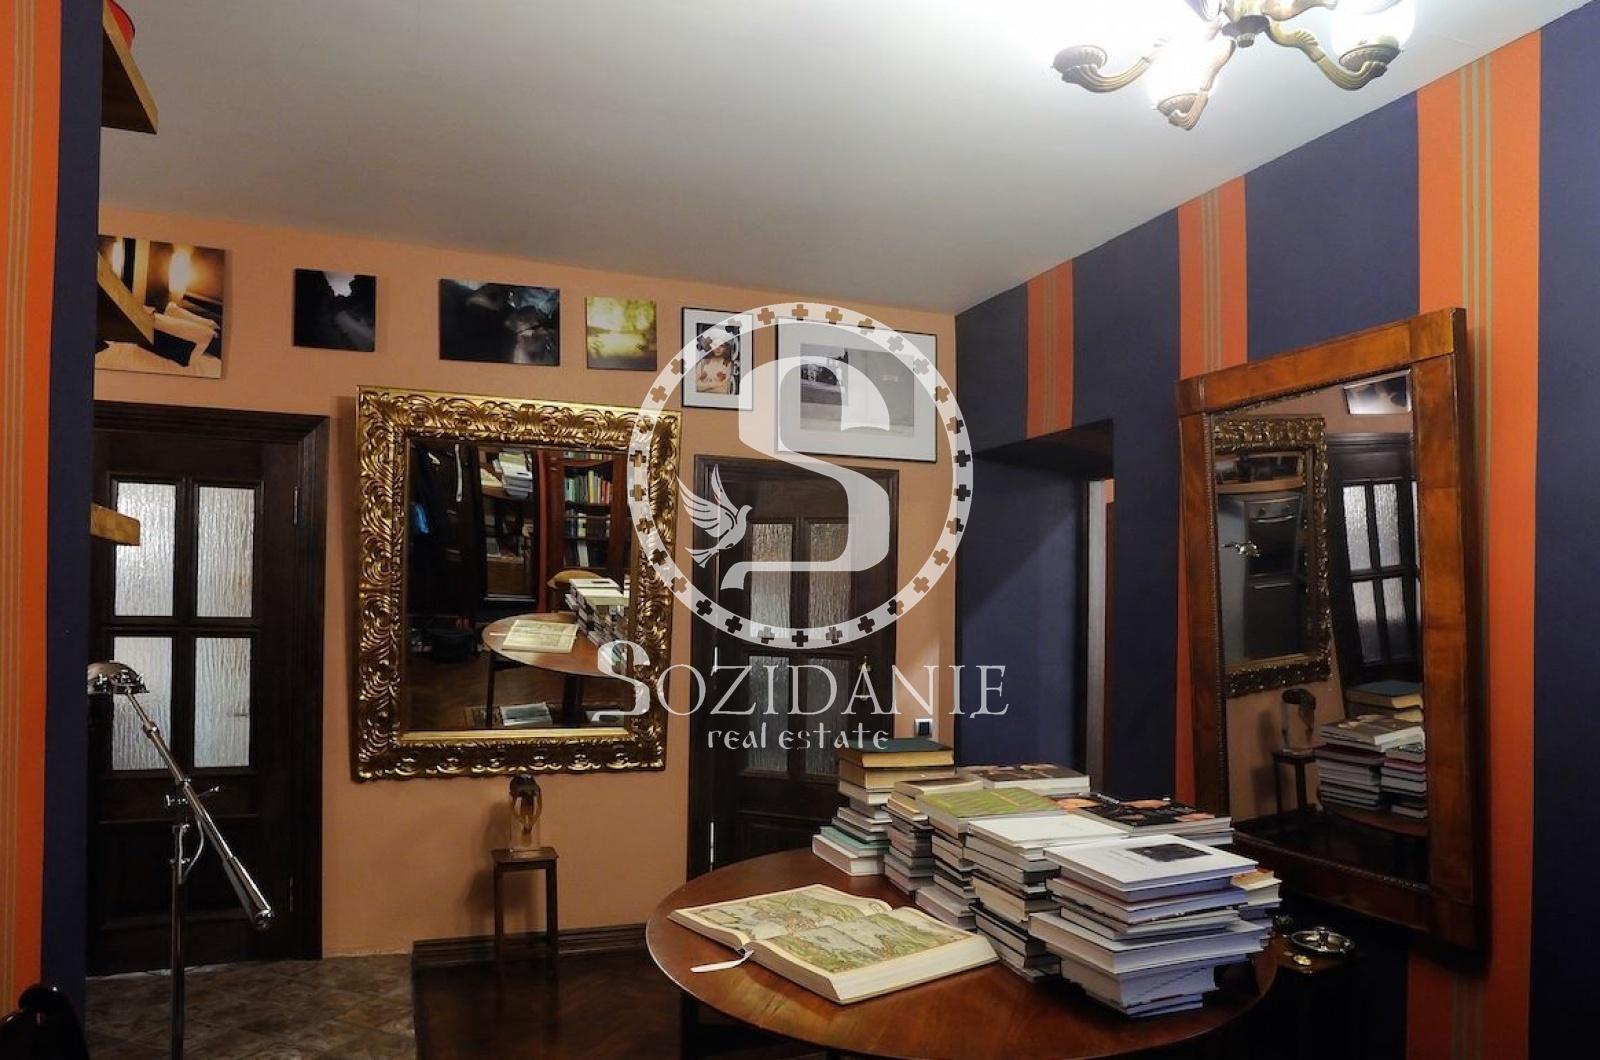 3 Комнаты, Городская, Продажа, Спиридоньевский переулок, Listing ID 3431, Москва, Россия,